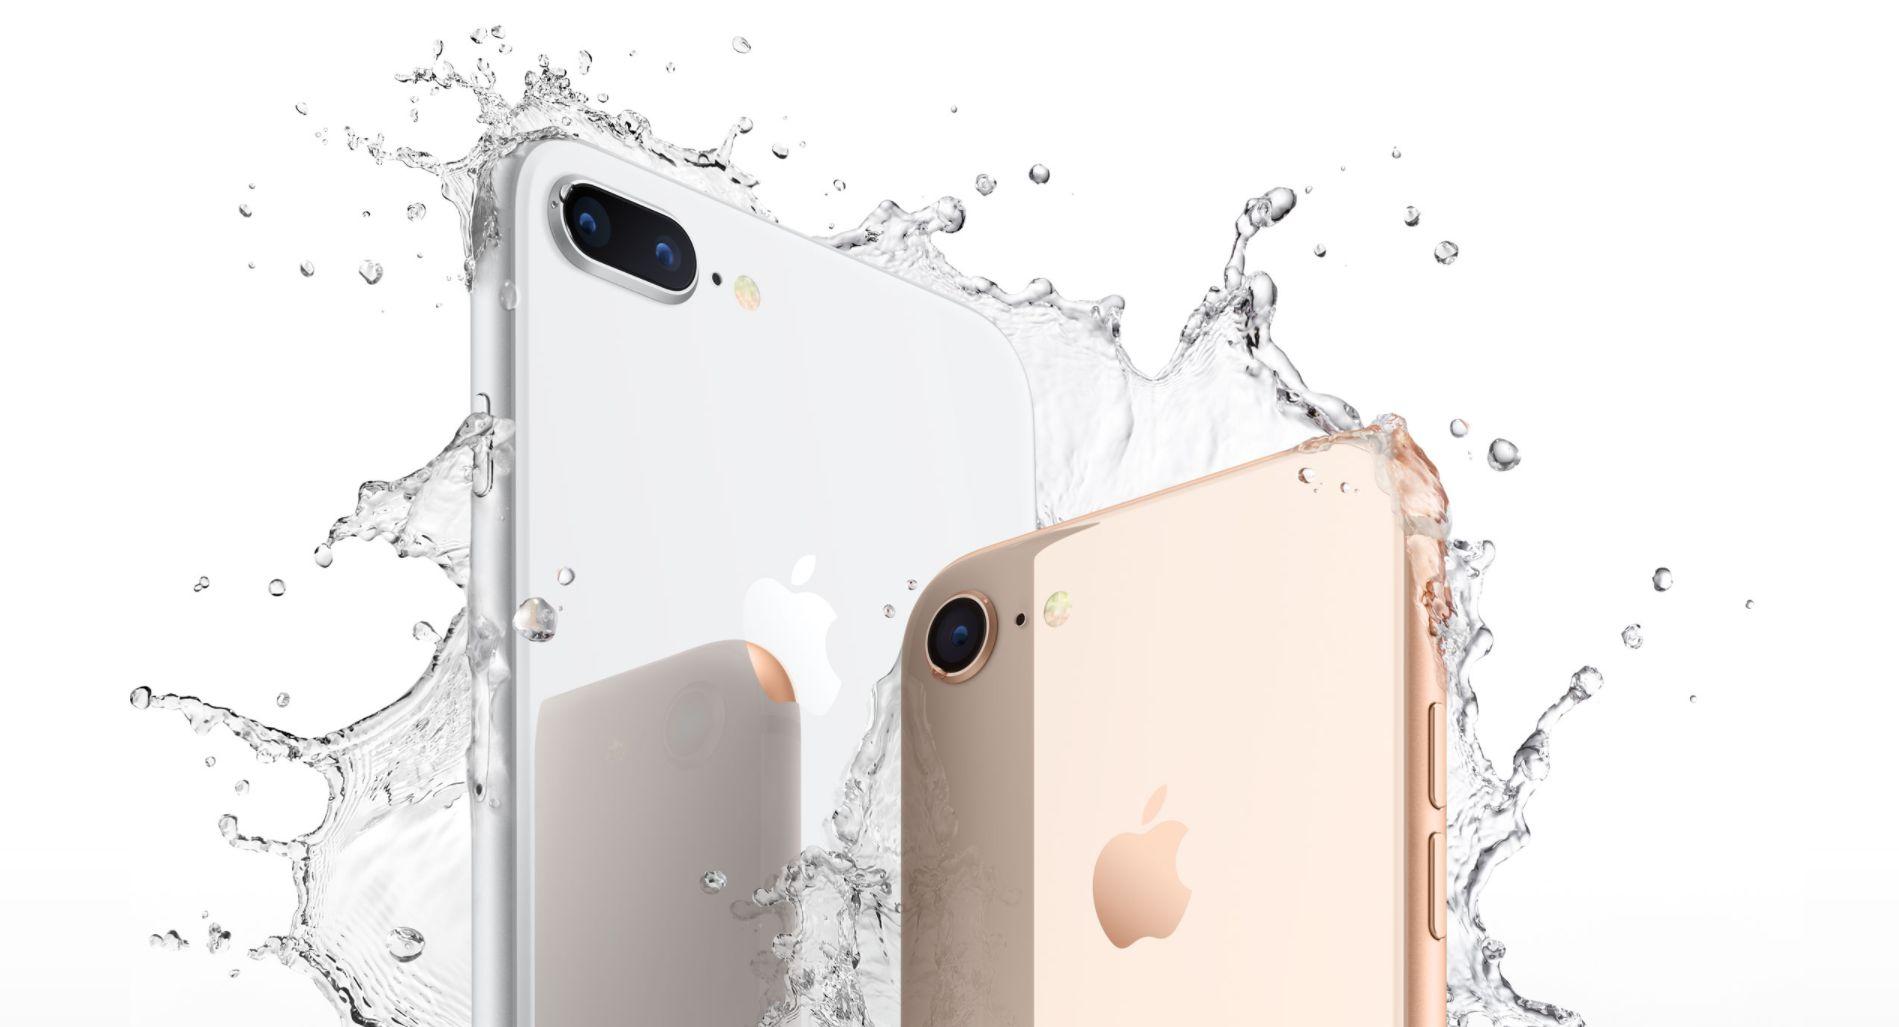 Wodoszczelny smartfon - co to oznacza? I jakie modele warto kupić? (poradnik) 19